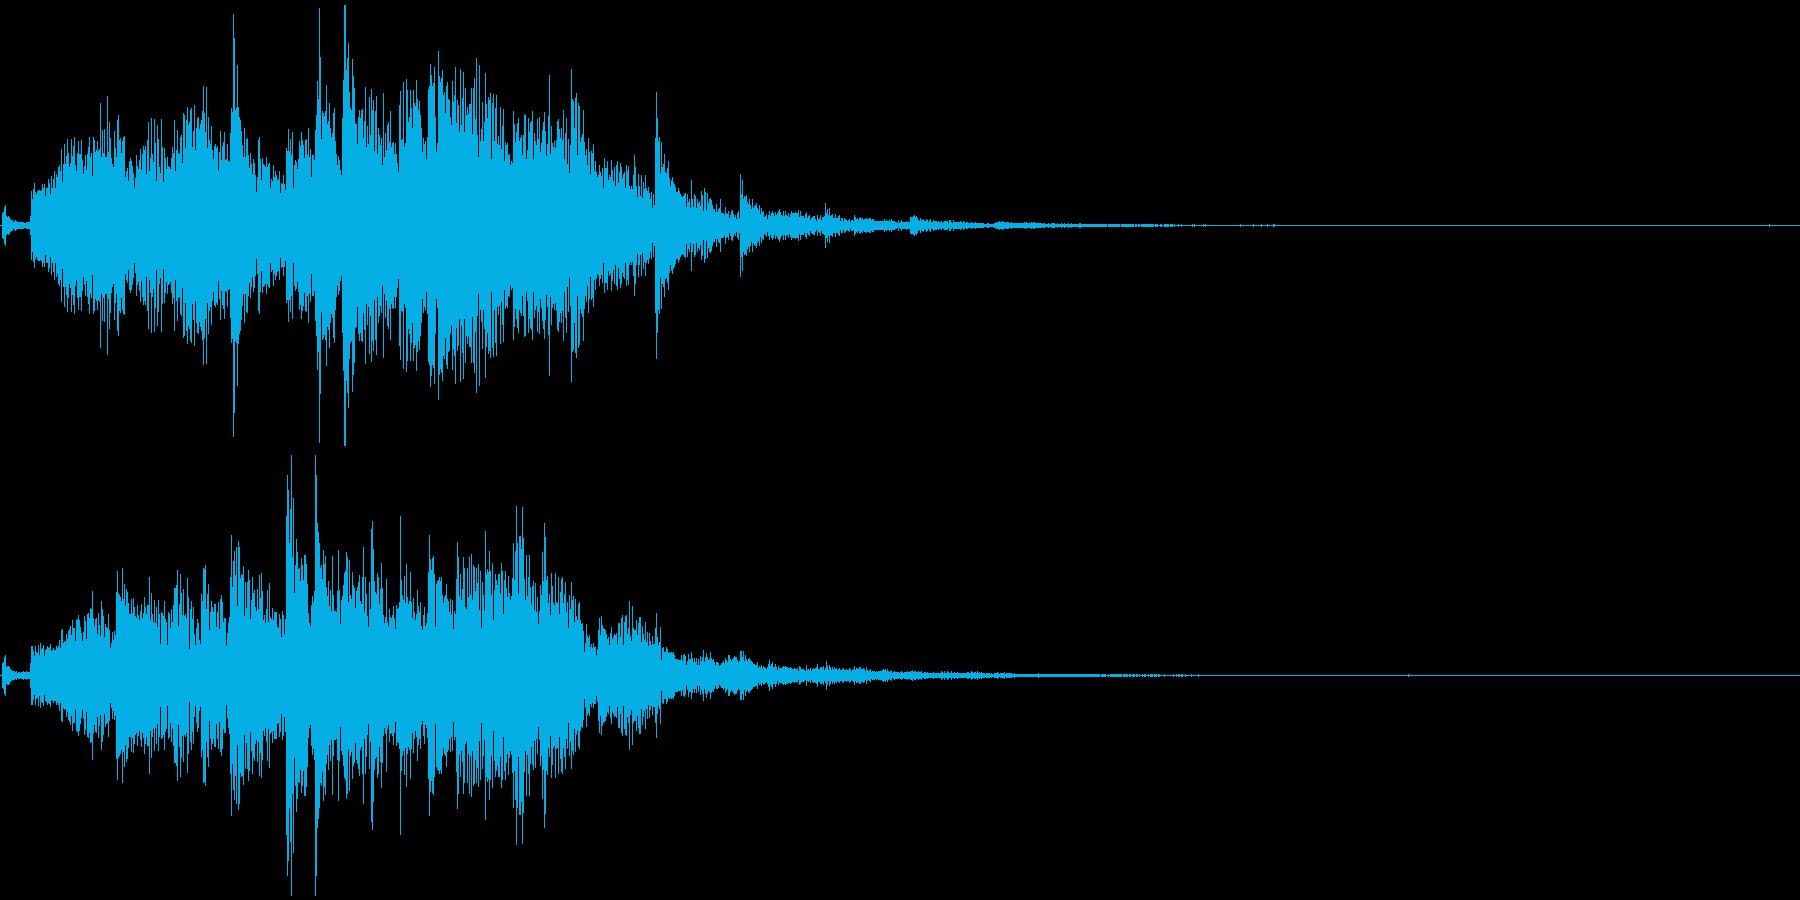 シンセアルペジオ、結果発表、場面転換の再生済みの波形